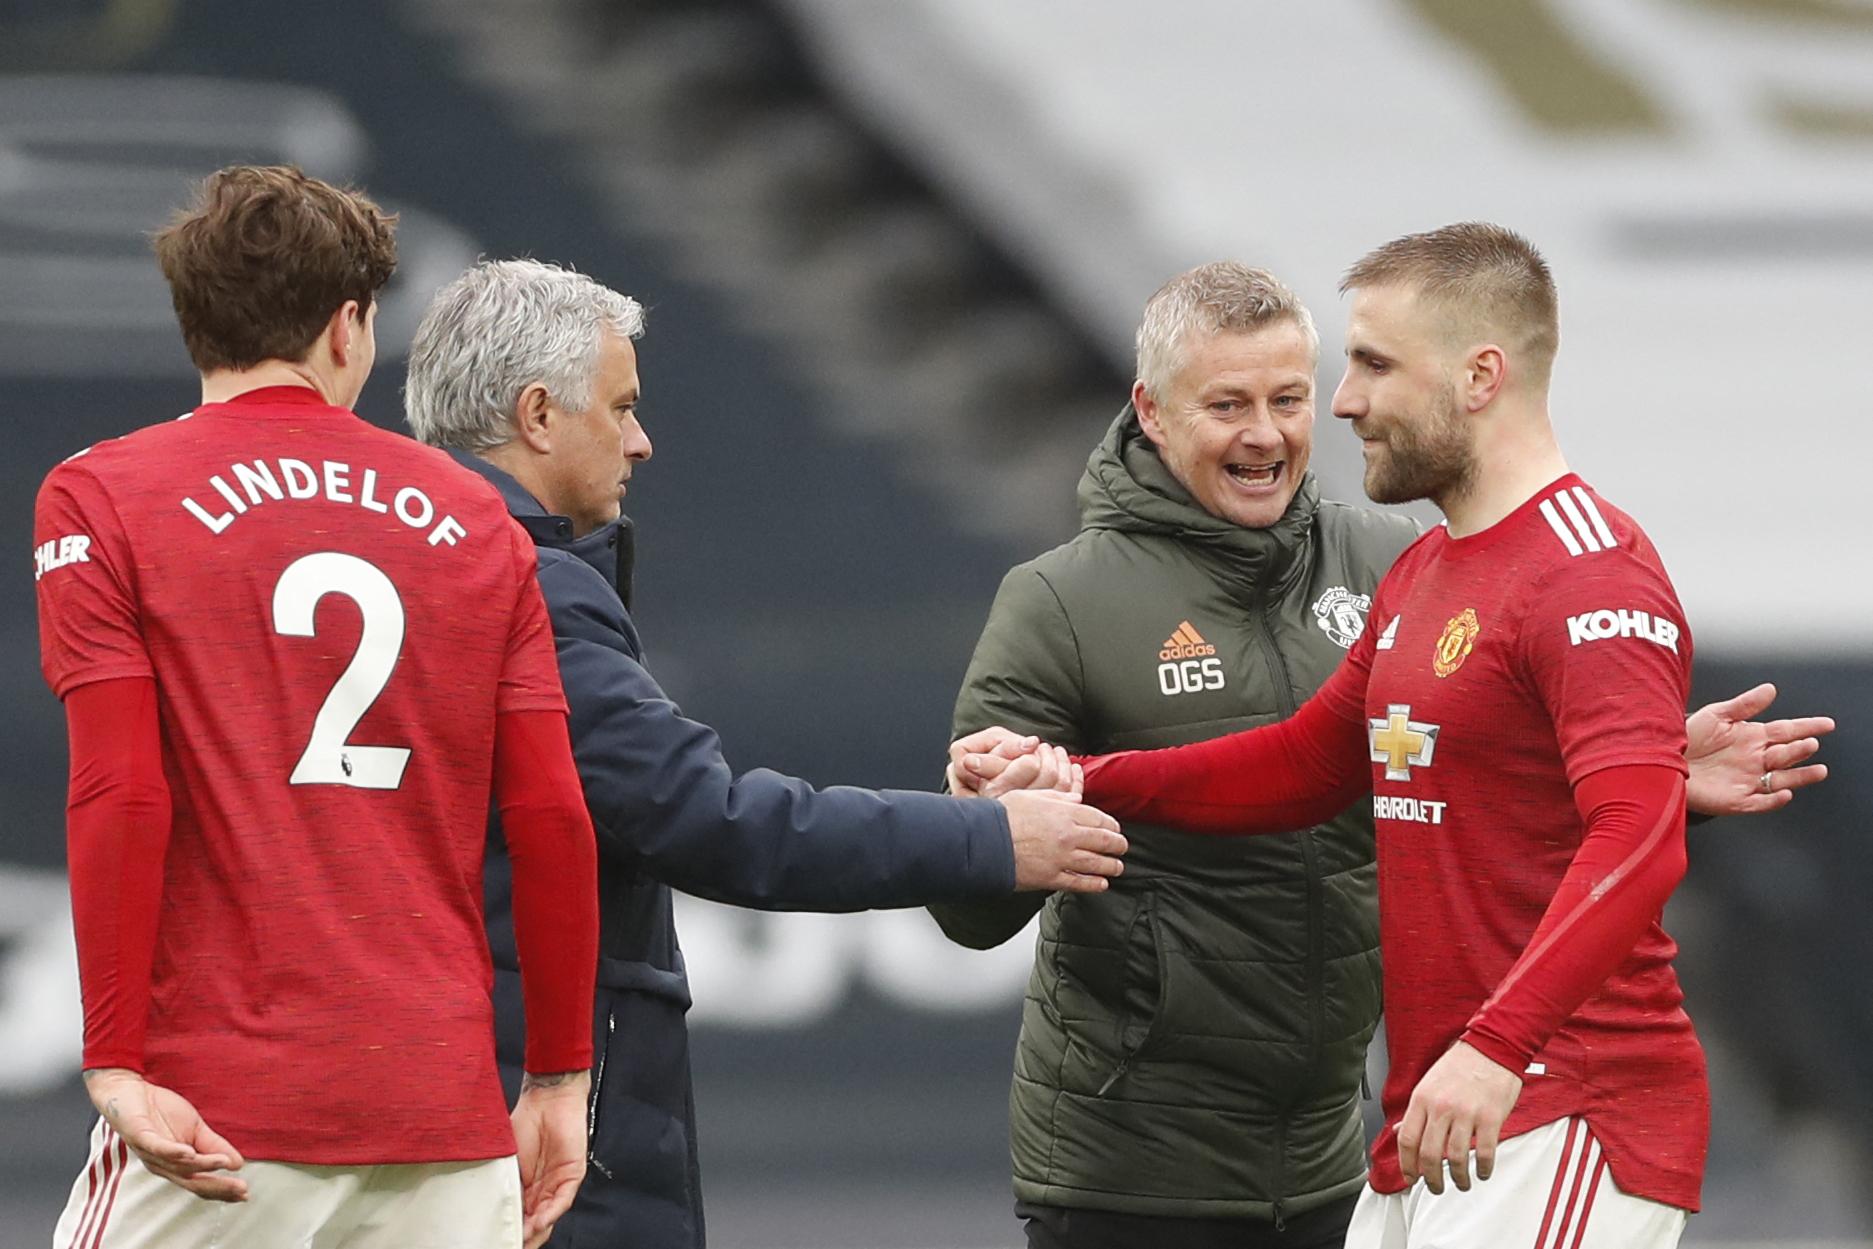 Mourinho chúc mừng học trò cũ Luke Shaw và đồng nghiệp Solskjaer sau khi Tottenham thua ngược Man Utd 1-3 trên sân nhà hôm 11/4. Ảnh: AFP